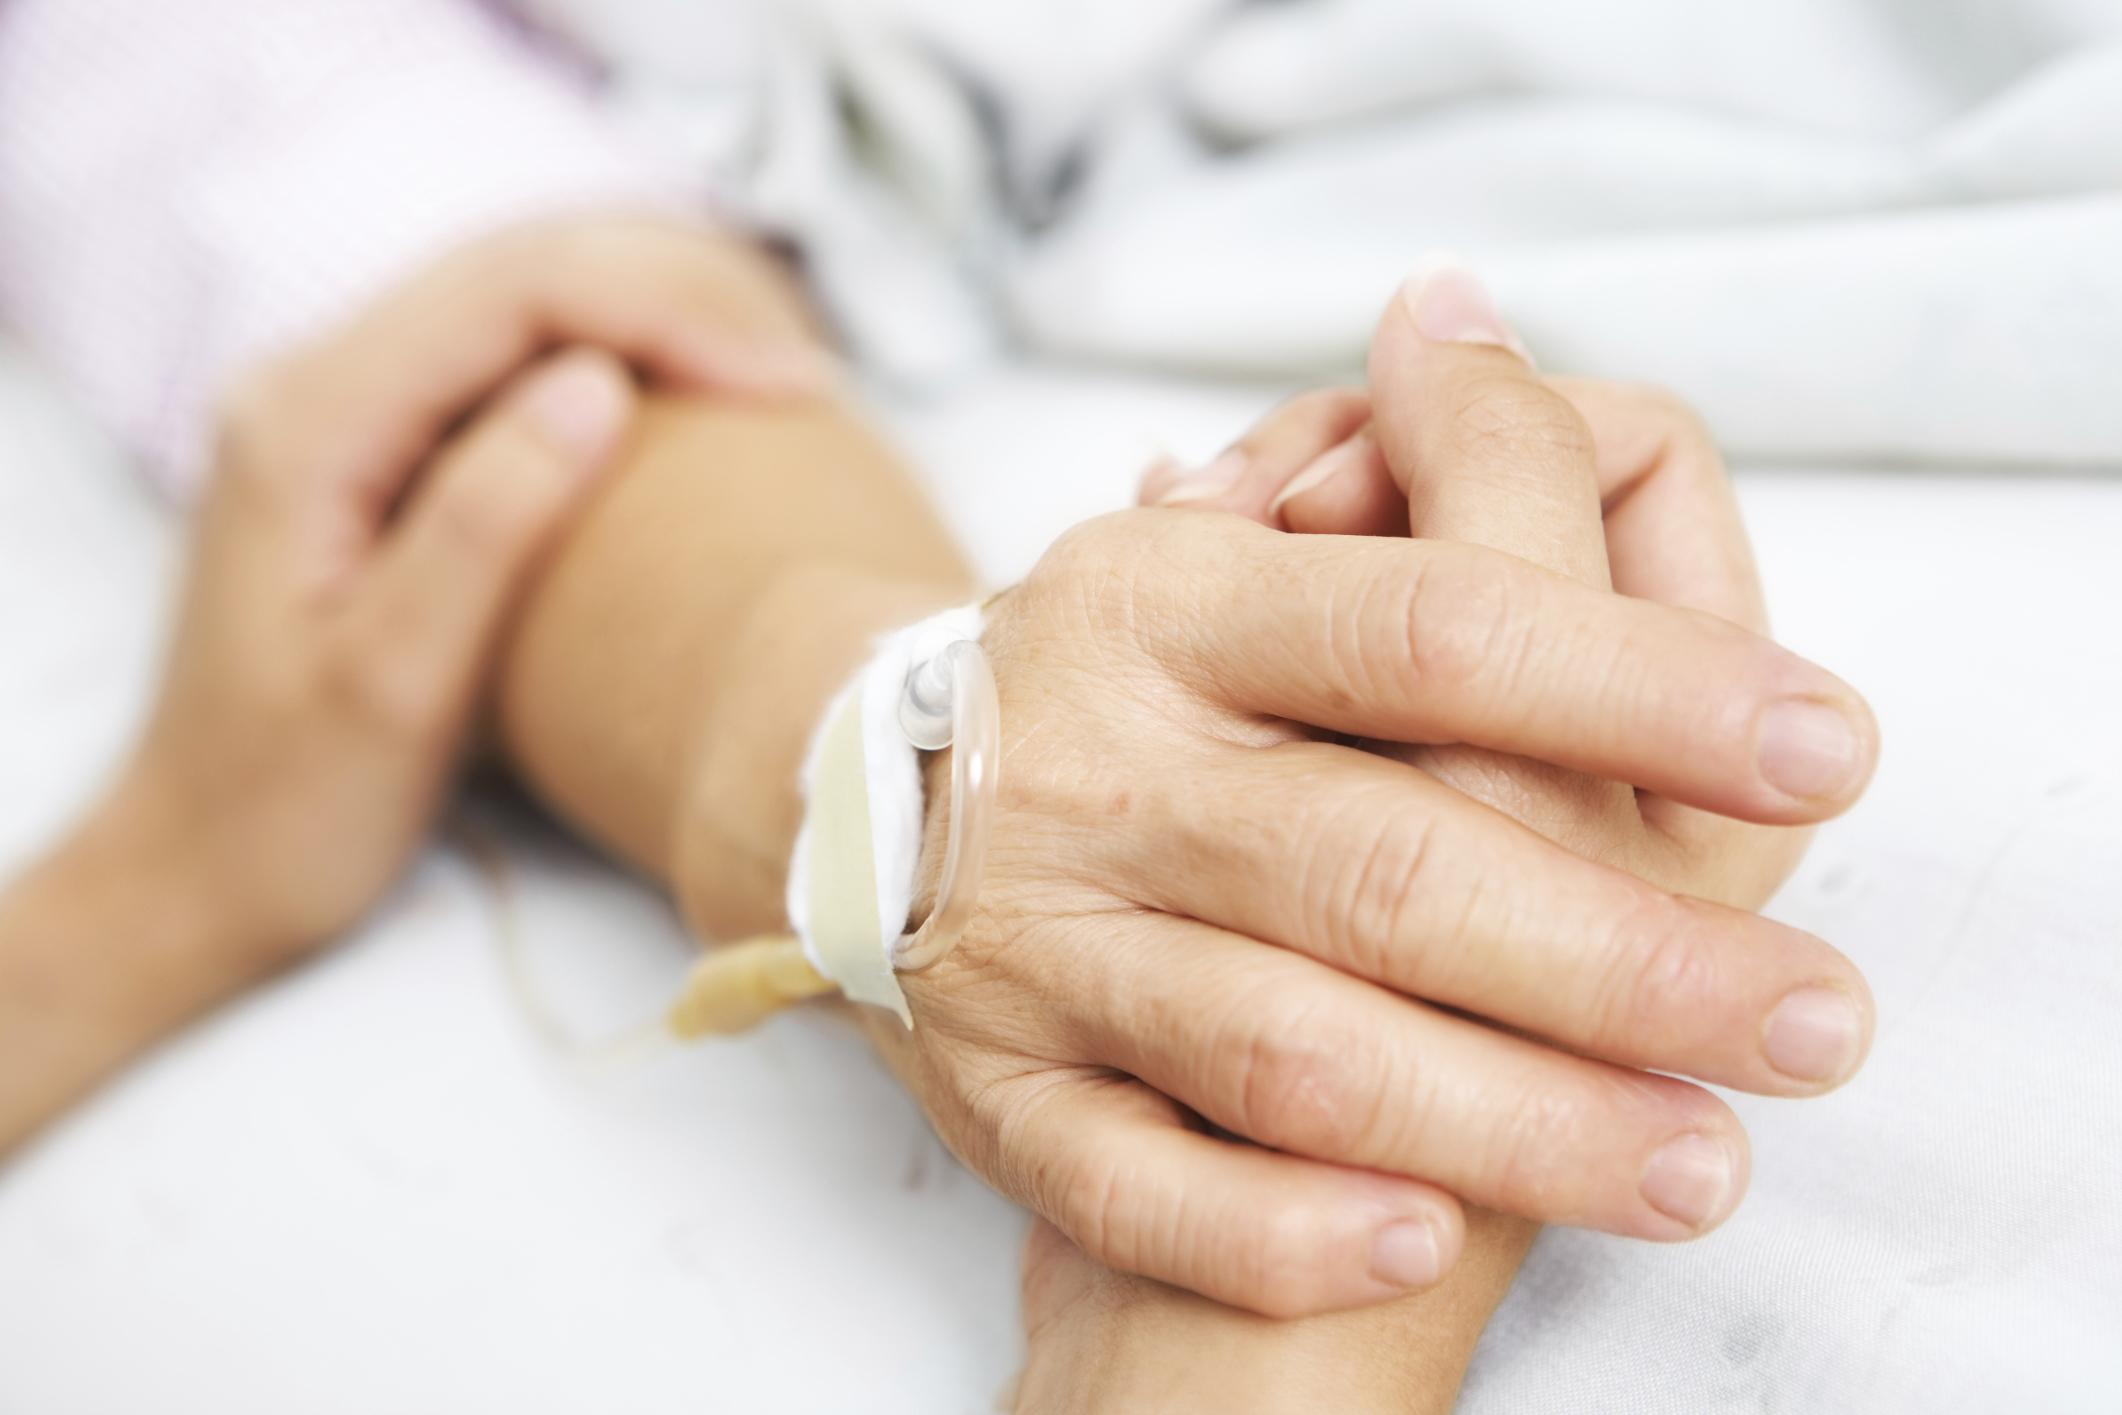 <strong>Docteur Matthieu Cretinon</strong>, médecin en soins palliatifs à Chambéry